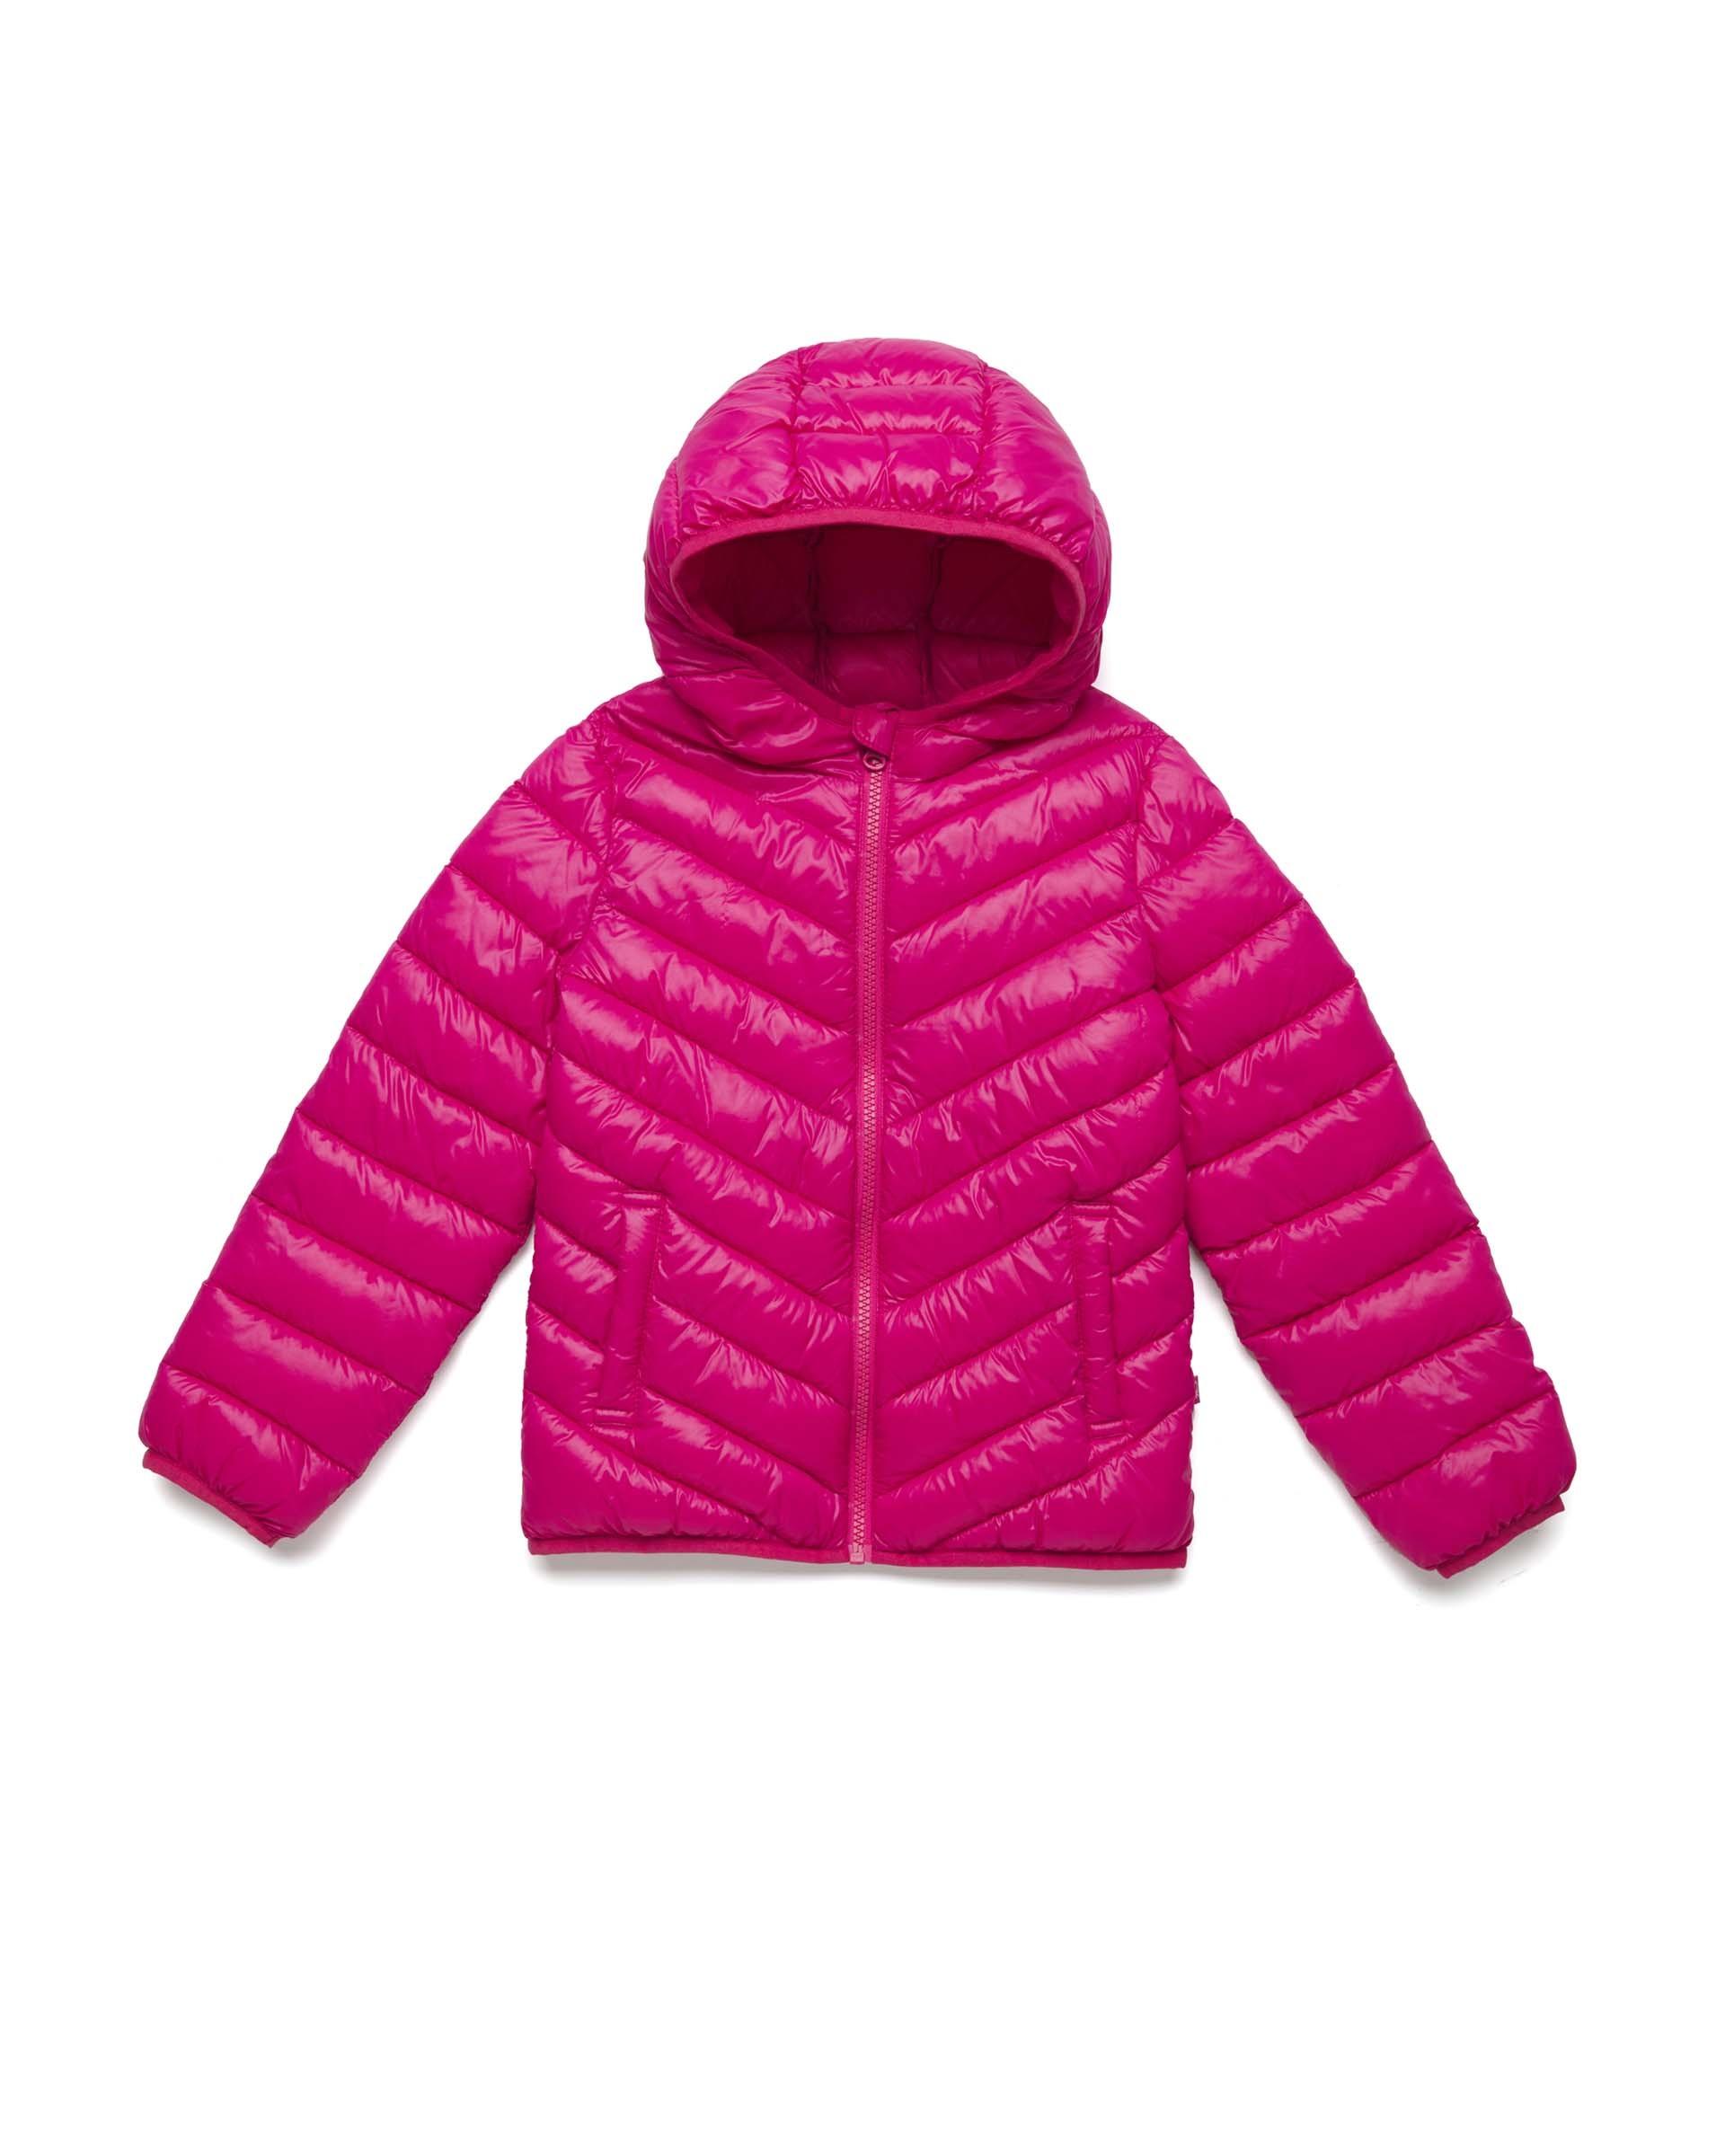 Купить 20P_2RQ453HQ0_2L3, Укороченная куртка для девочек Benetton 2RQ453HQ0_2L3 р-р 158, United Colors of Benetton, Куртки для девочек